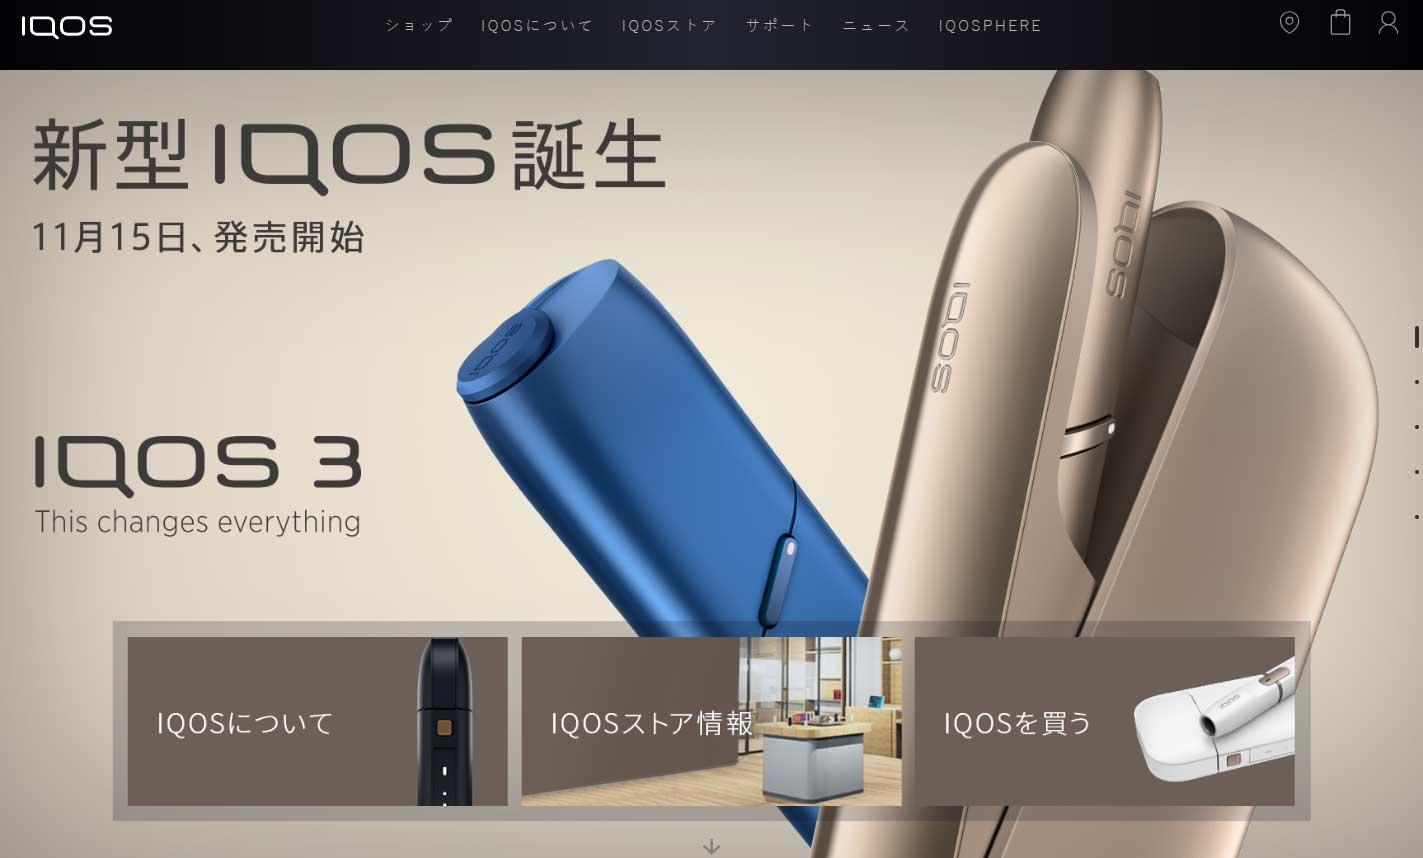 iqos3 - 【ニュース】IQOS 3/IQOS 3 MULTI発表!IQOS 2.4Plusから何が進化した?